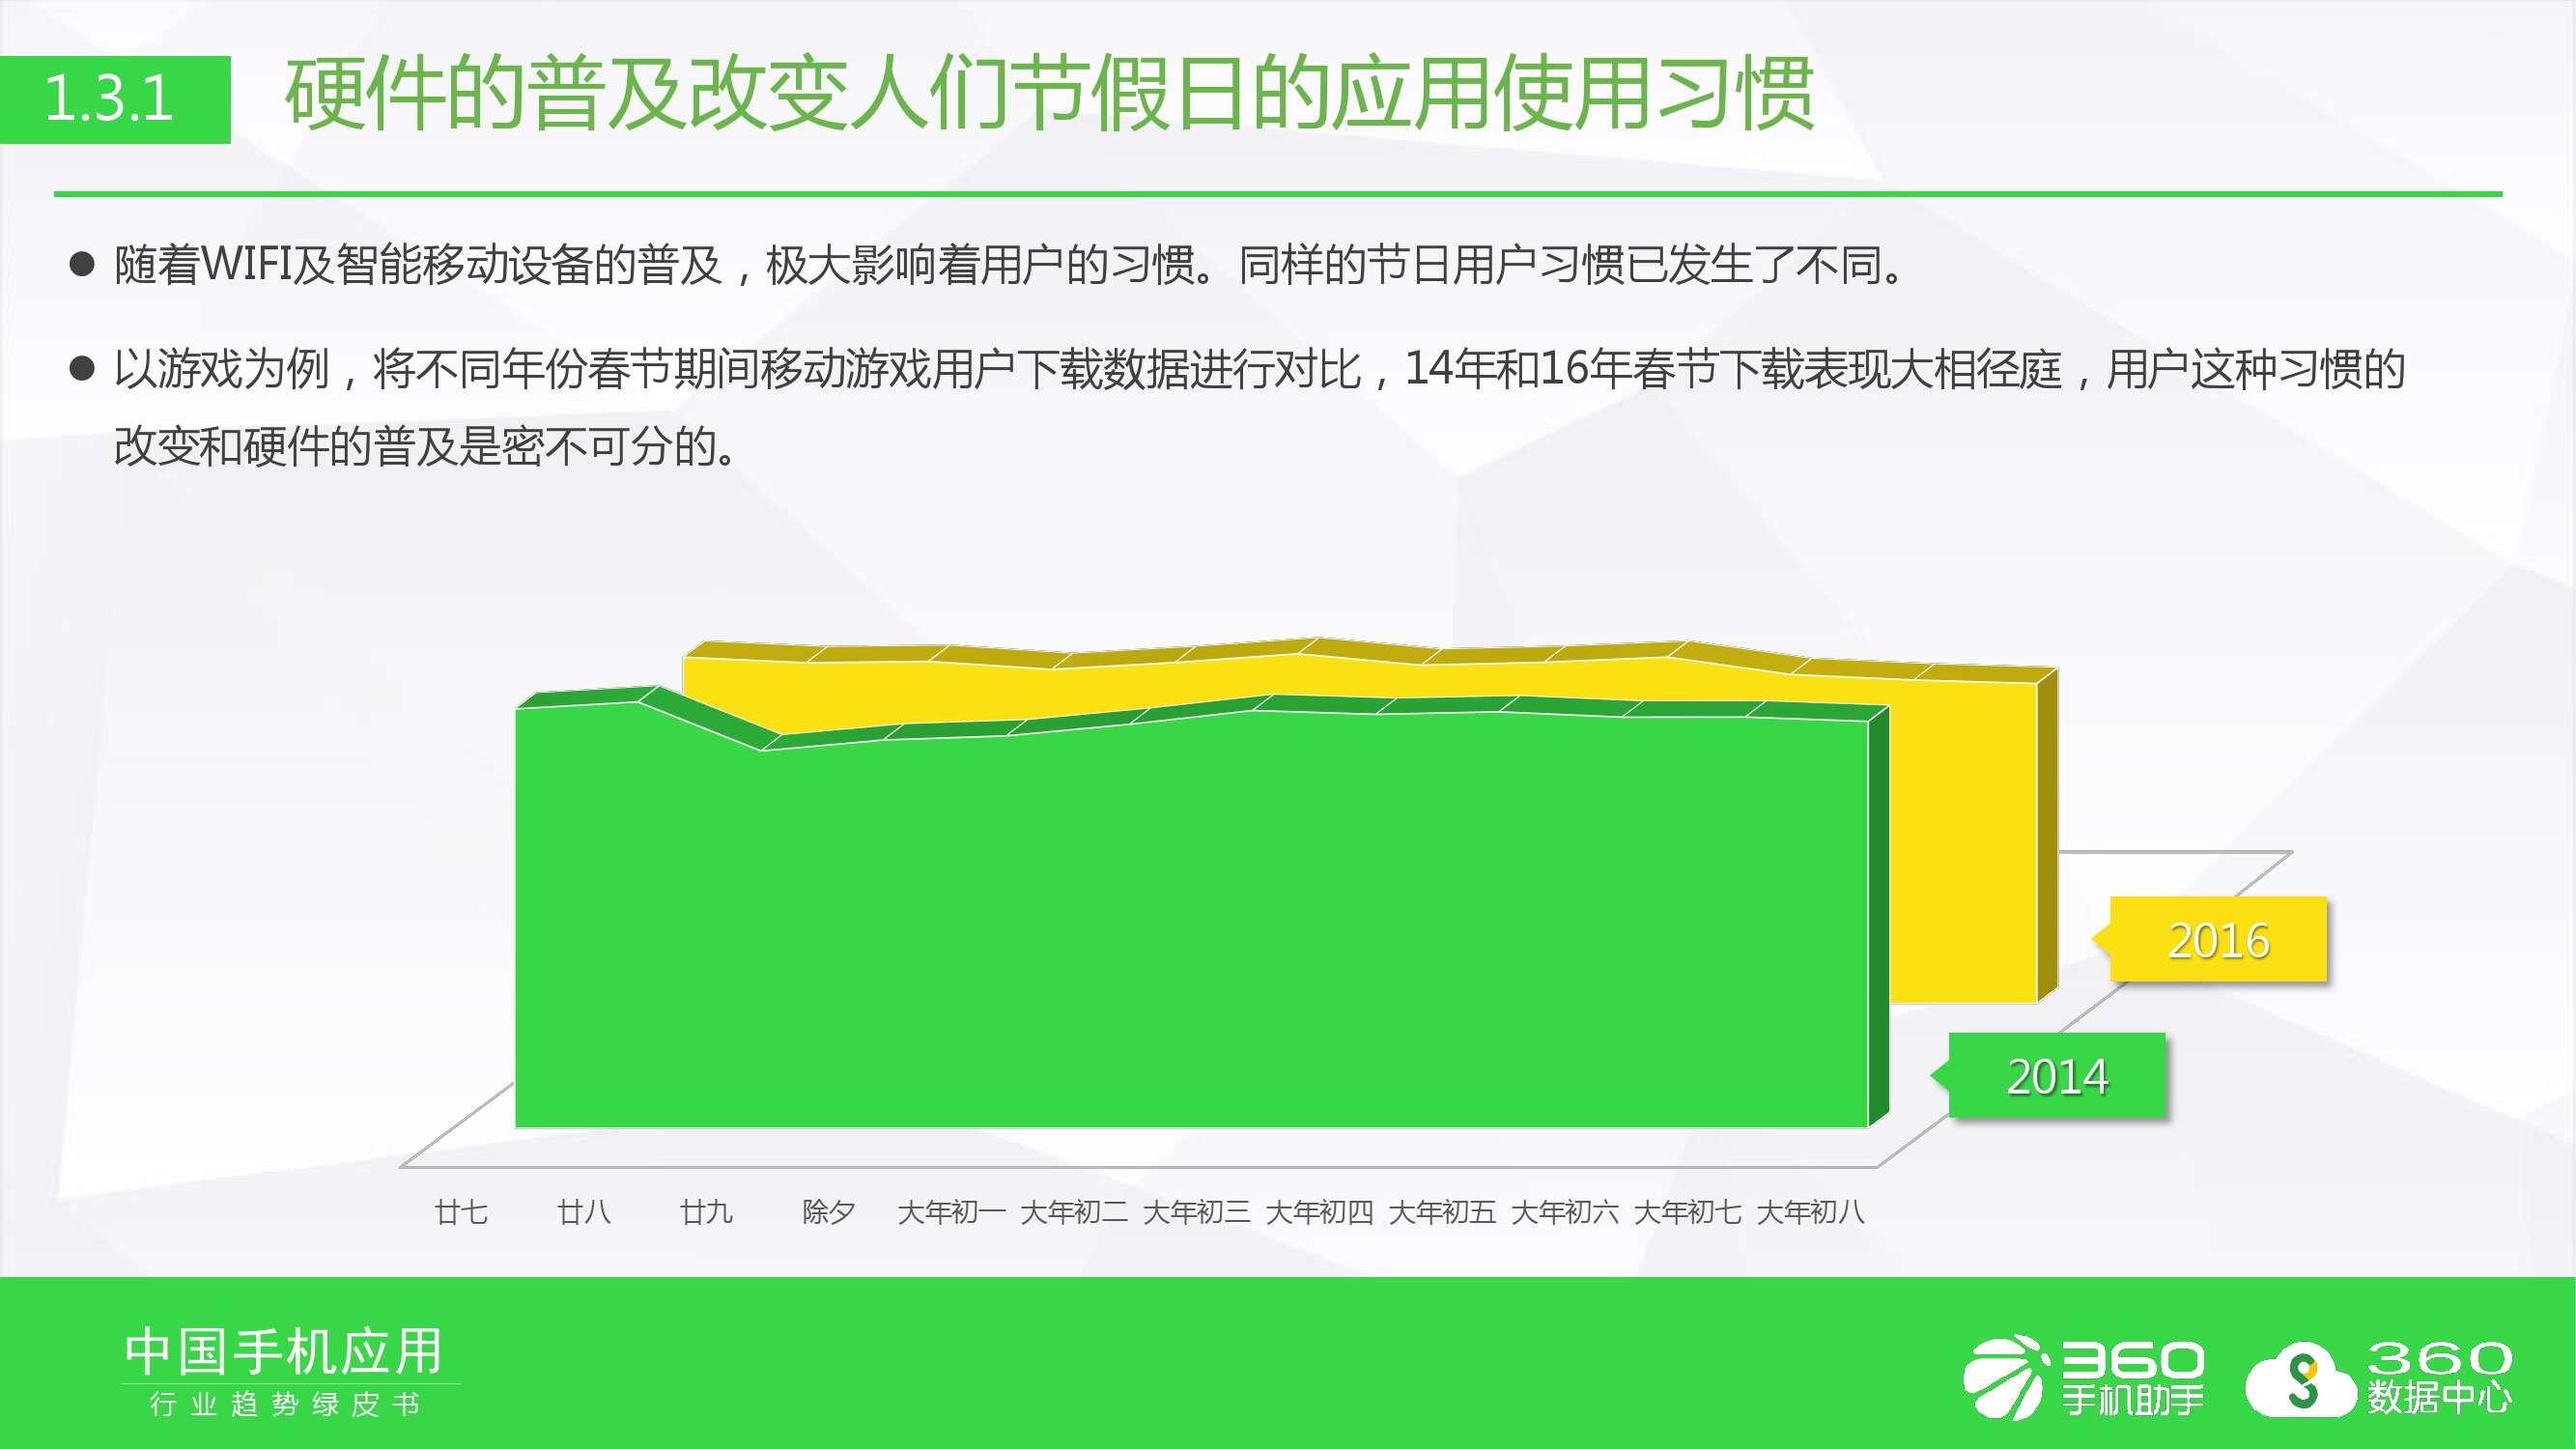 2016年手机软件行业趋势绿皮书_000007